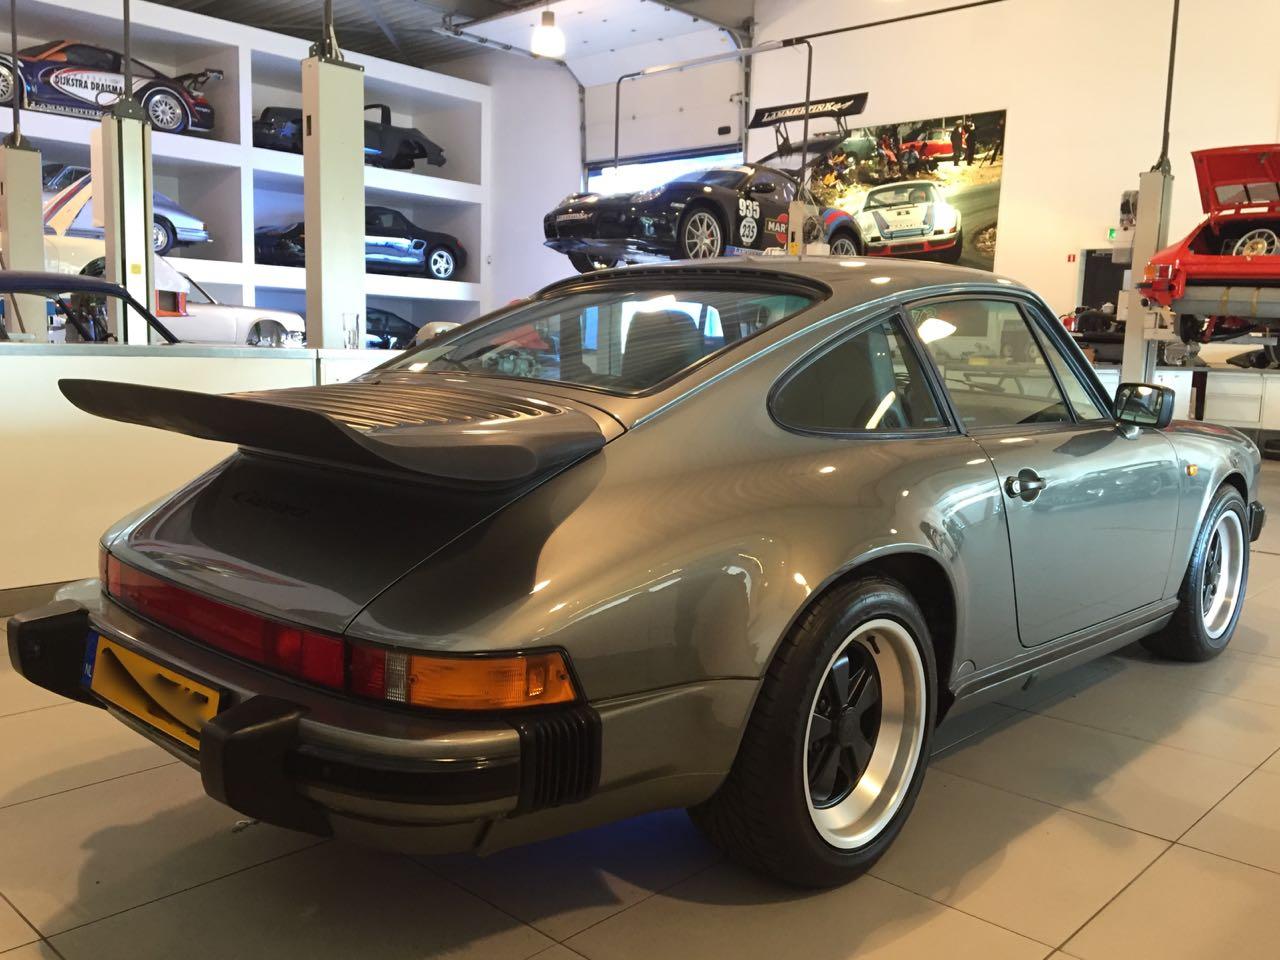 911 youngtimer - Porsche 911 Carrera G50 - 1987 - Felsengruen 4